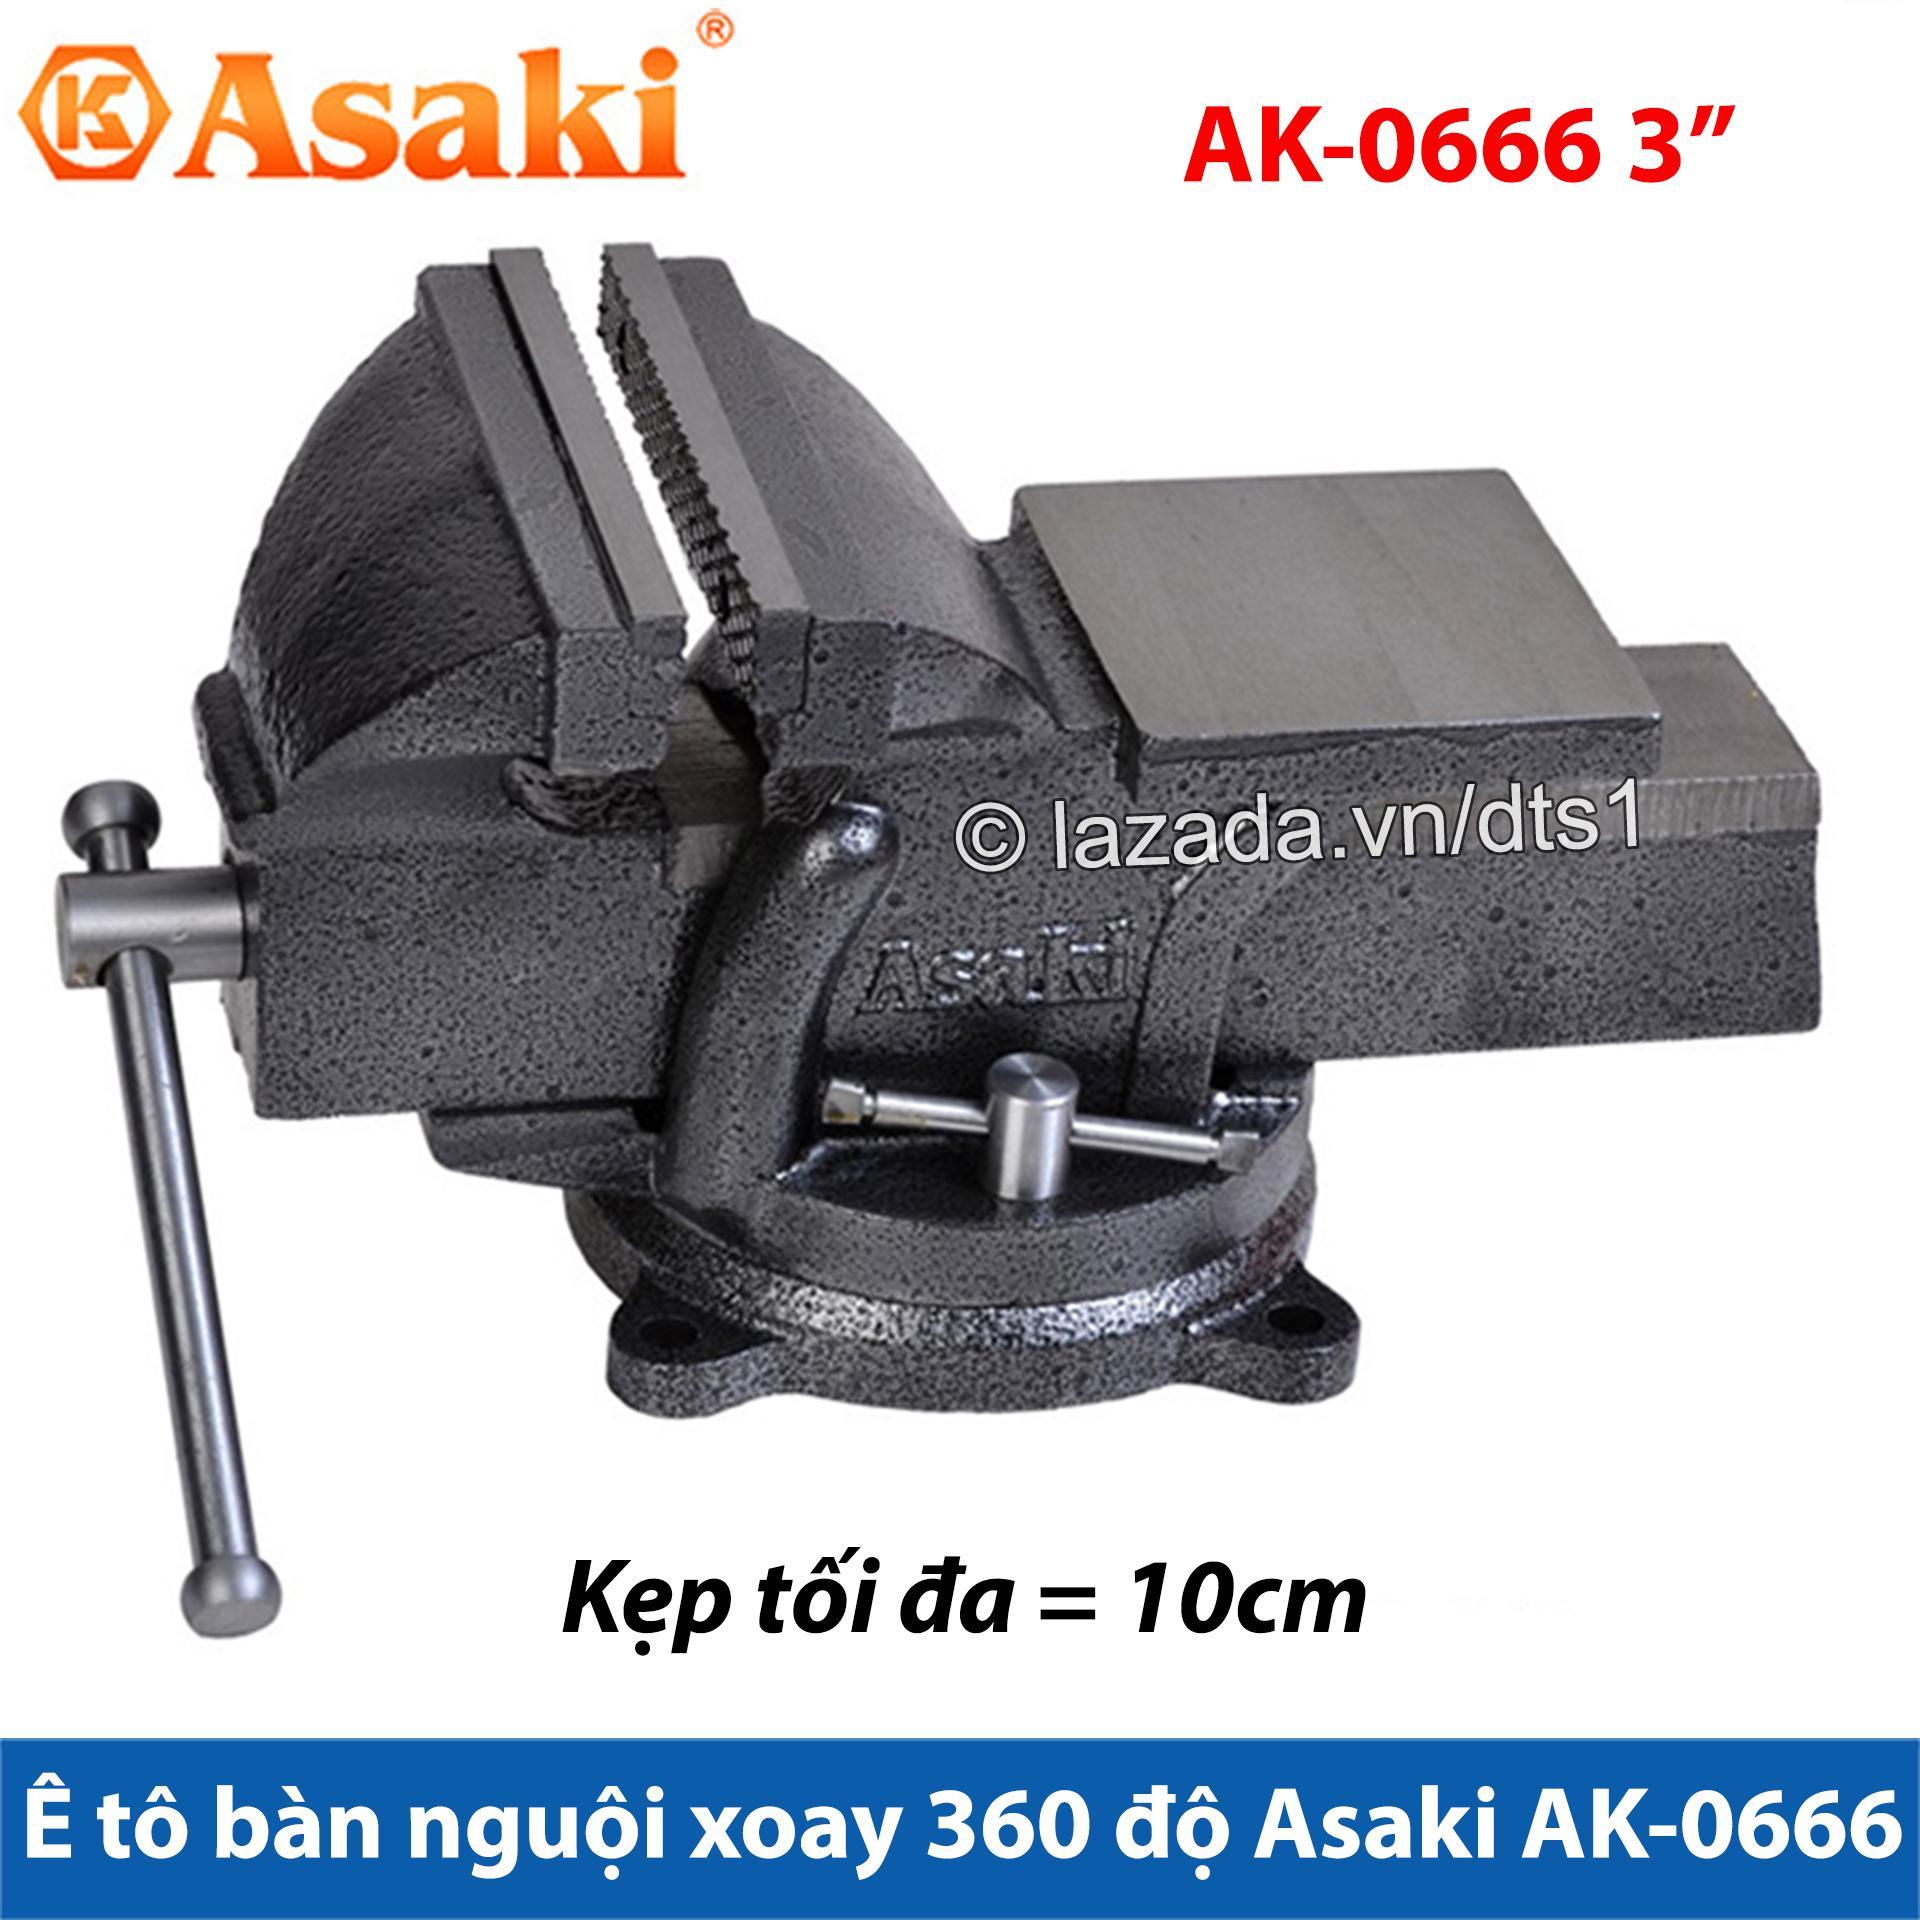 Ê tô bàn nguội xoay 360° Asaki AK-0666 3 - Khả năng kẹp 10cm AK-666